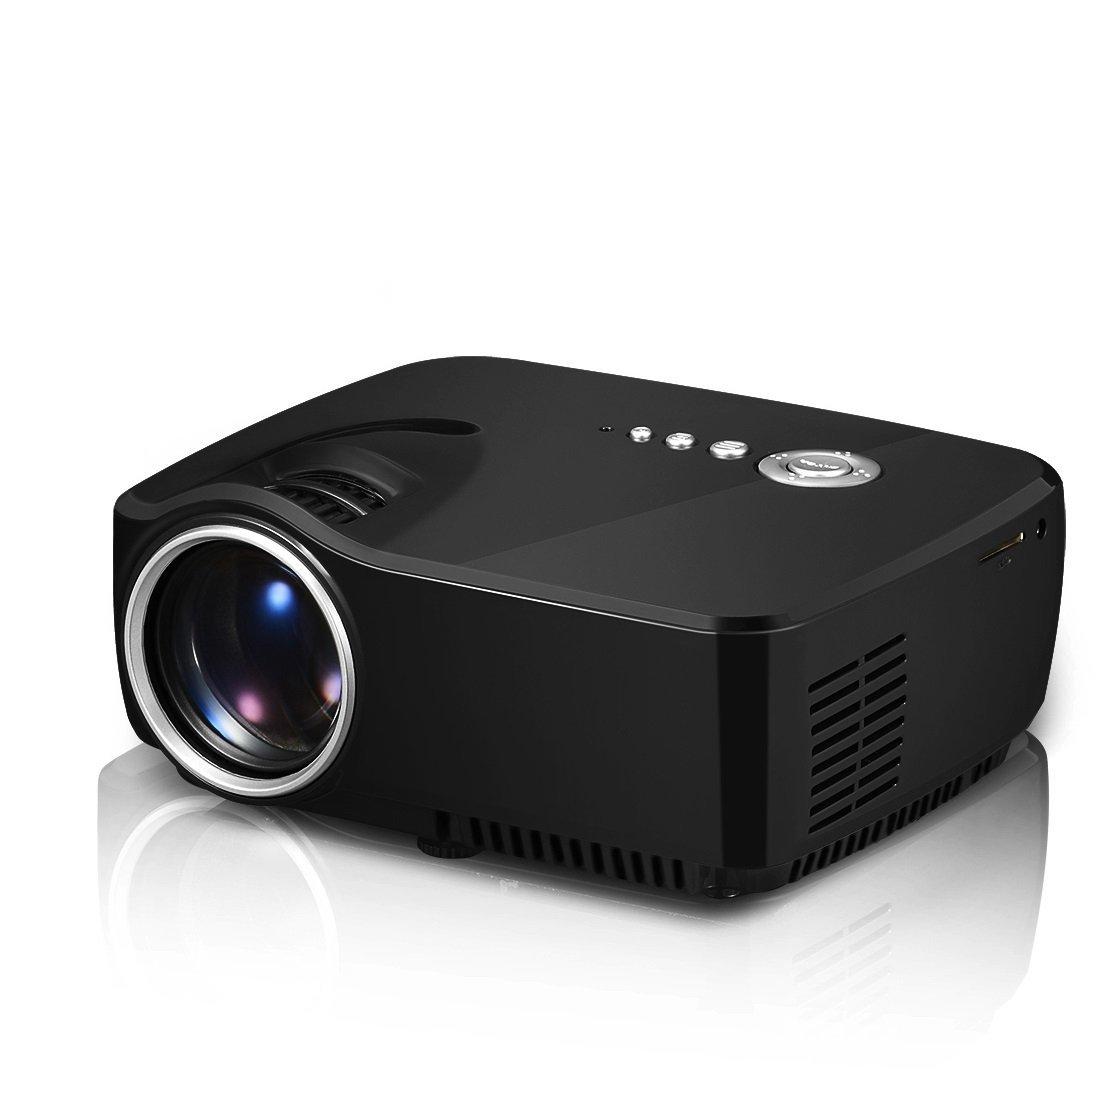 Mới ourspop Portable mini 1080 p dẫn máy gia đình Theater rạp chiếu bóng, màu đen (op-up70)